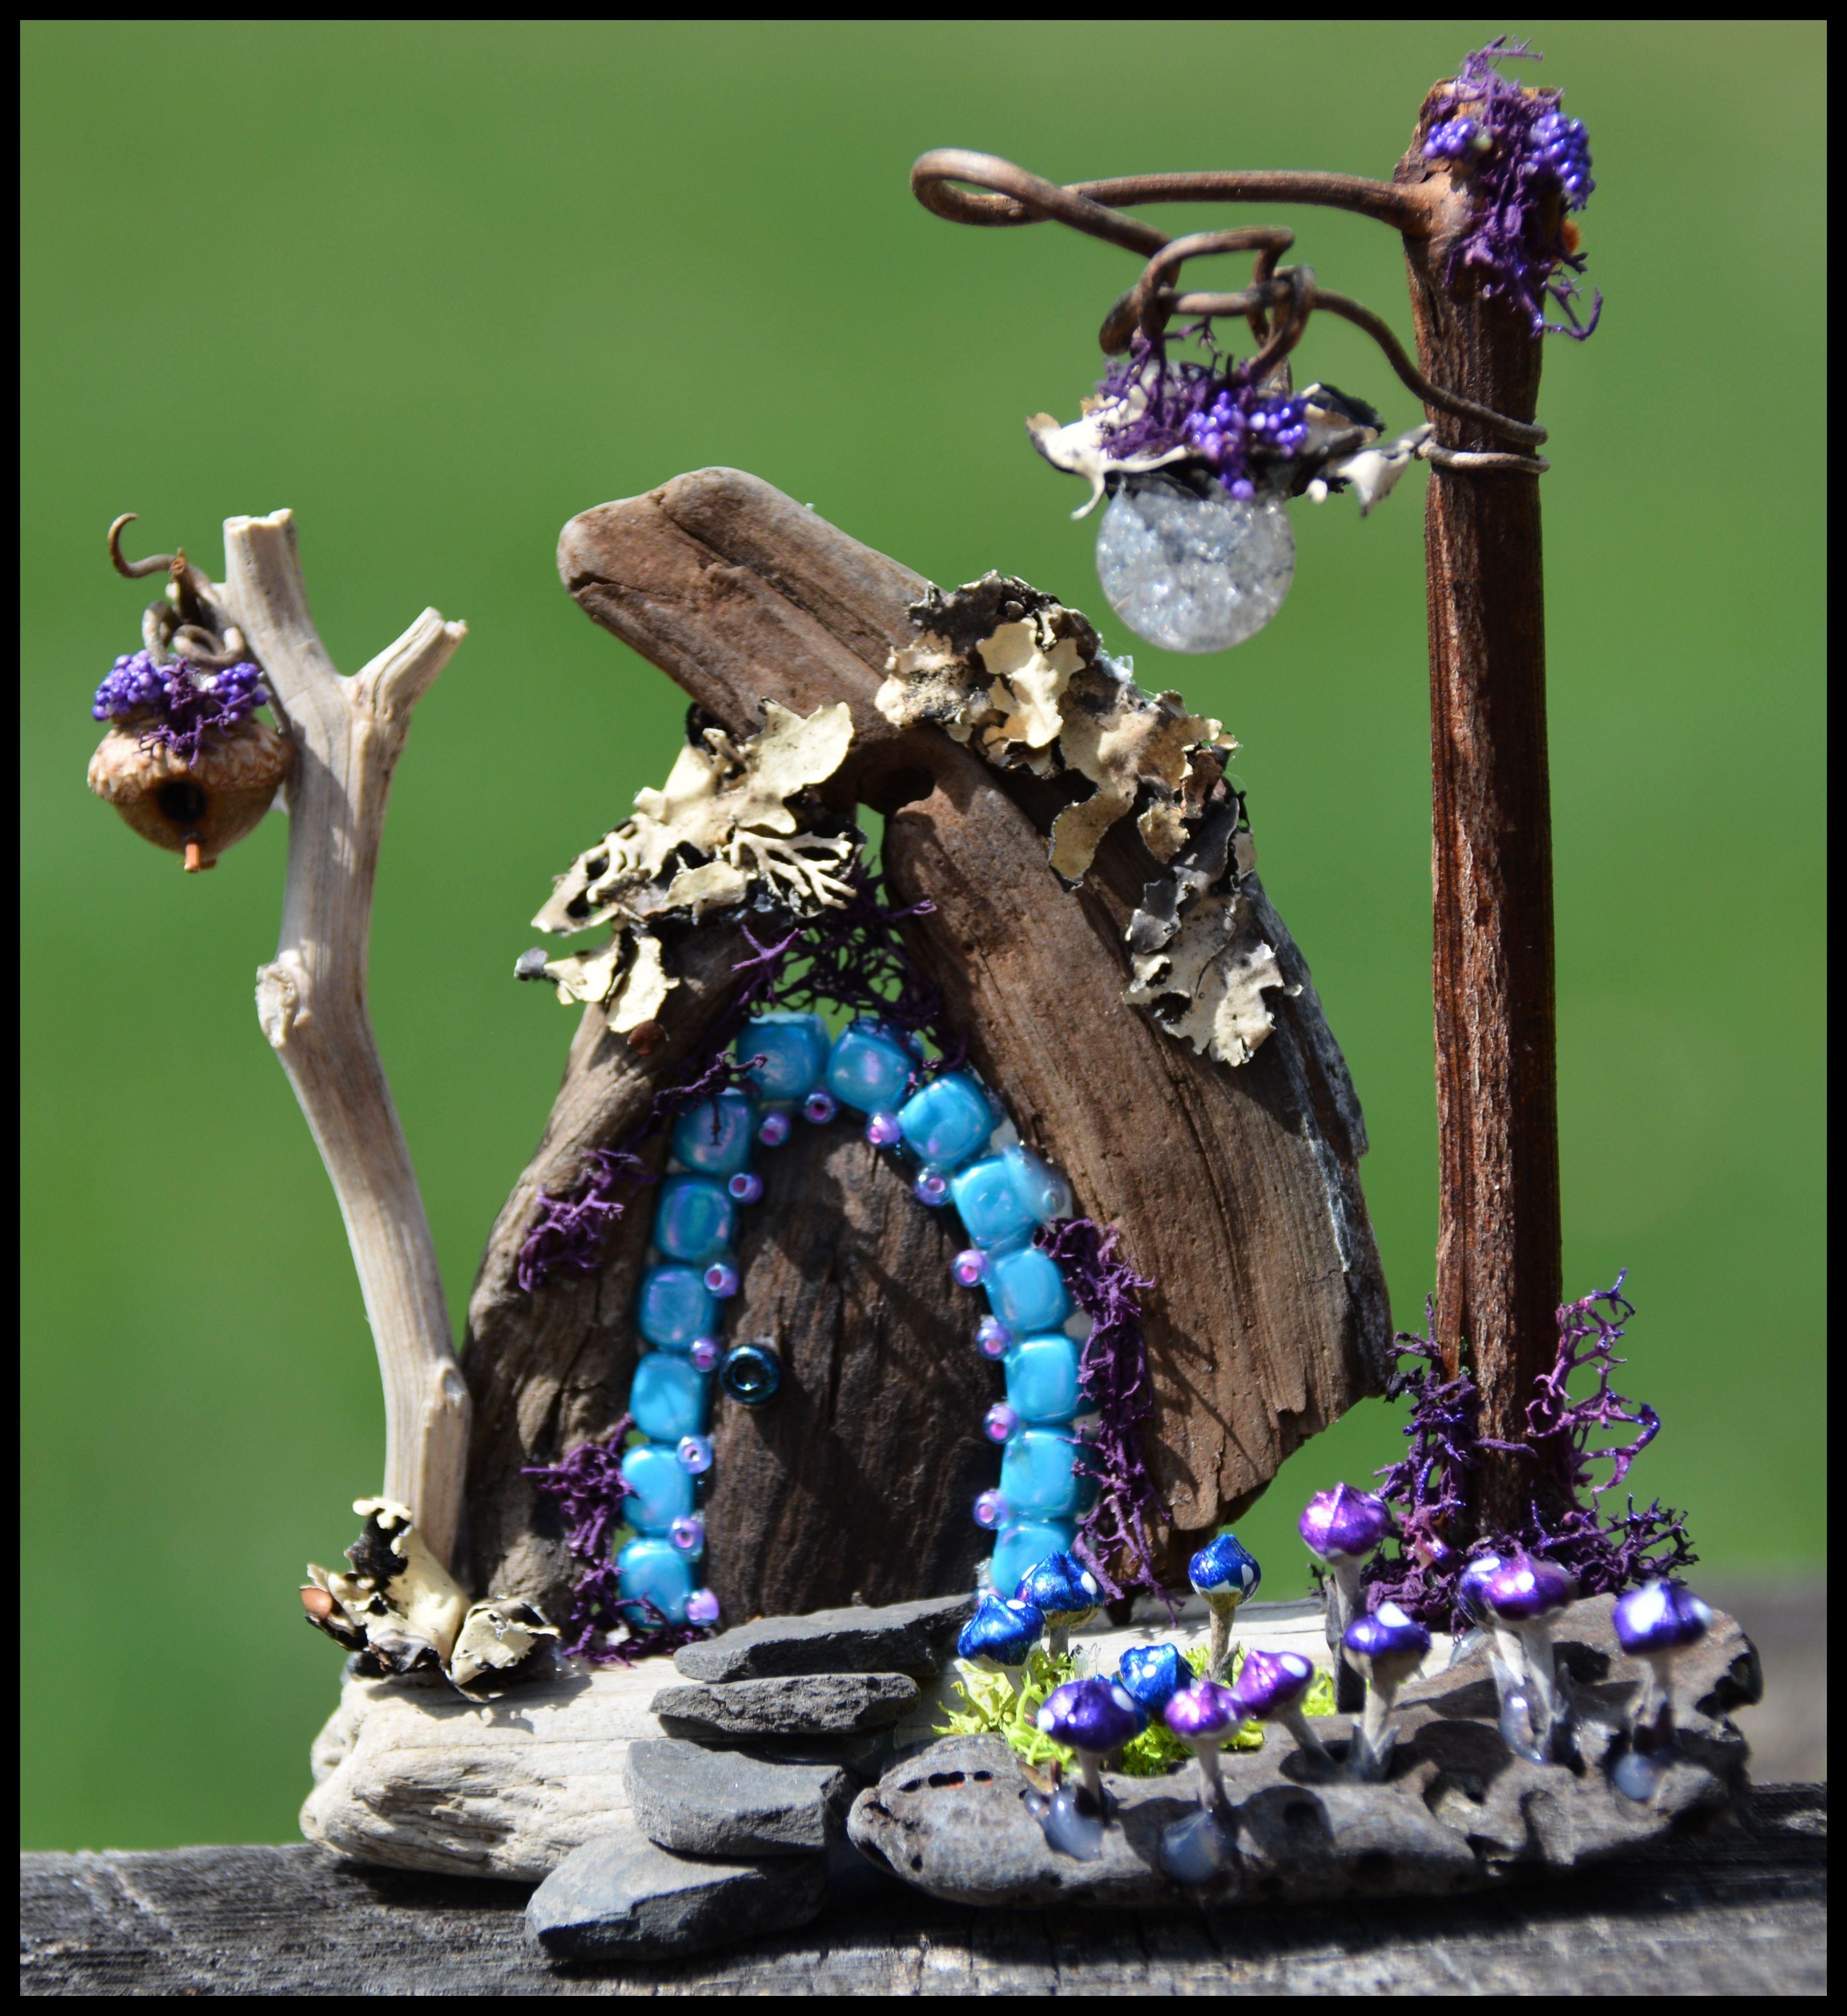 Miniature Faery Garden creation, a fairy door made from a